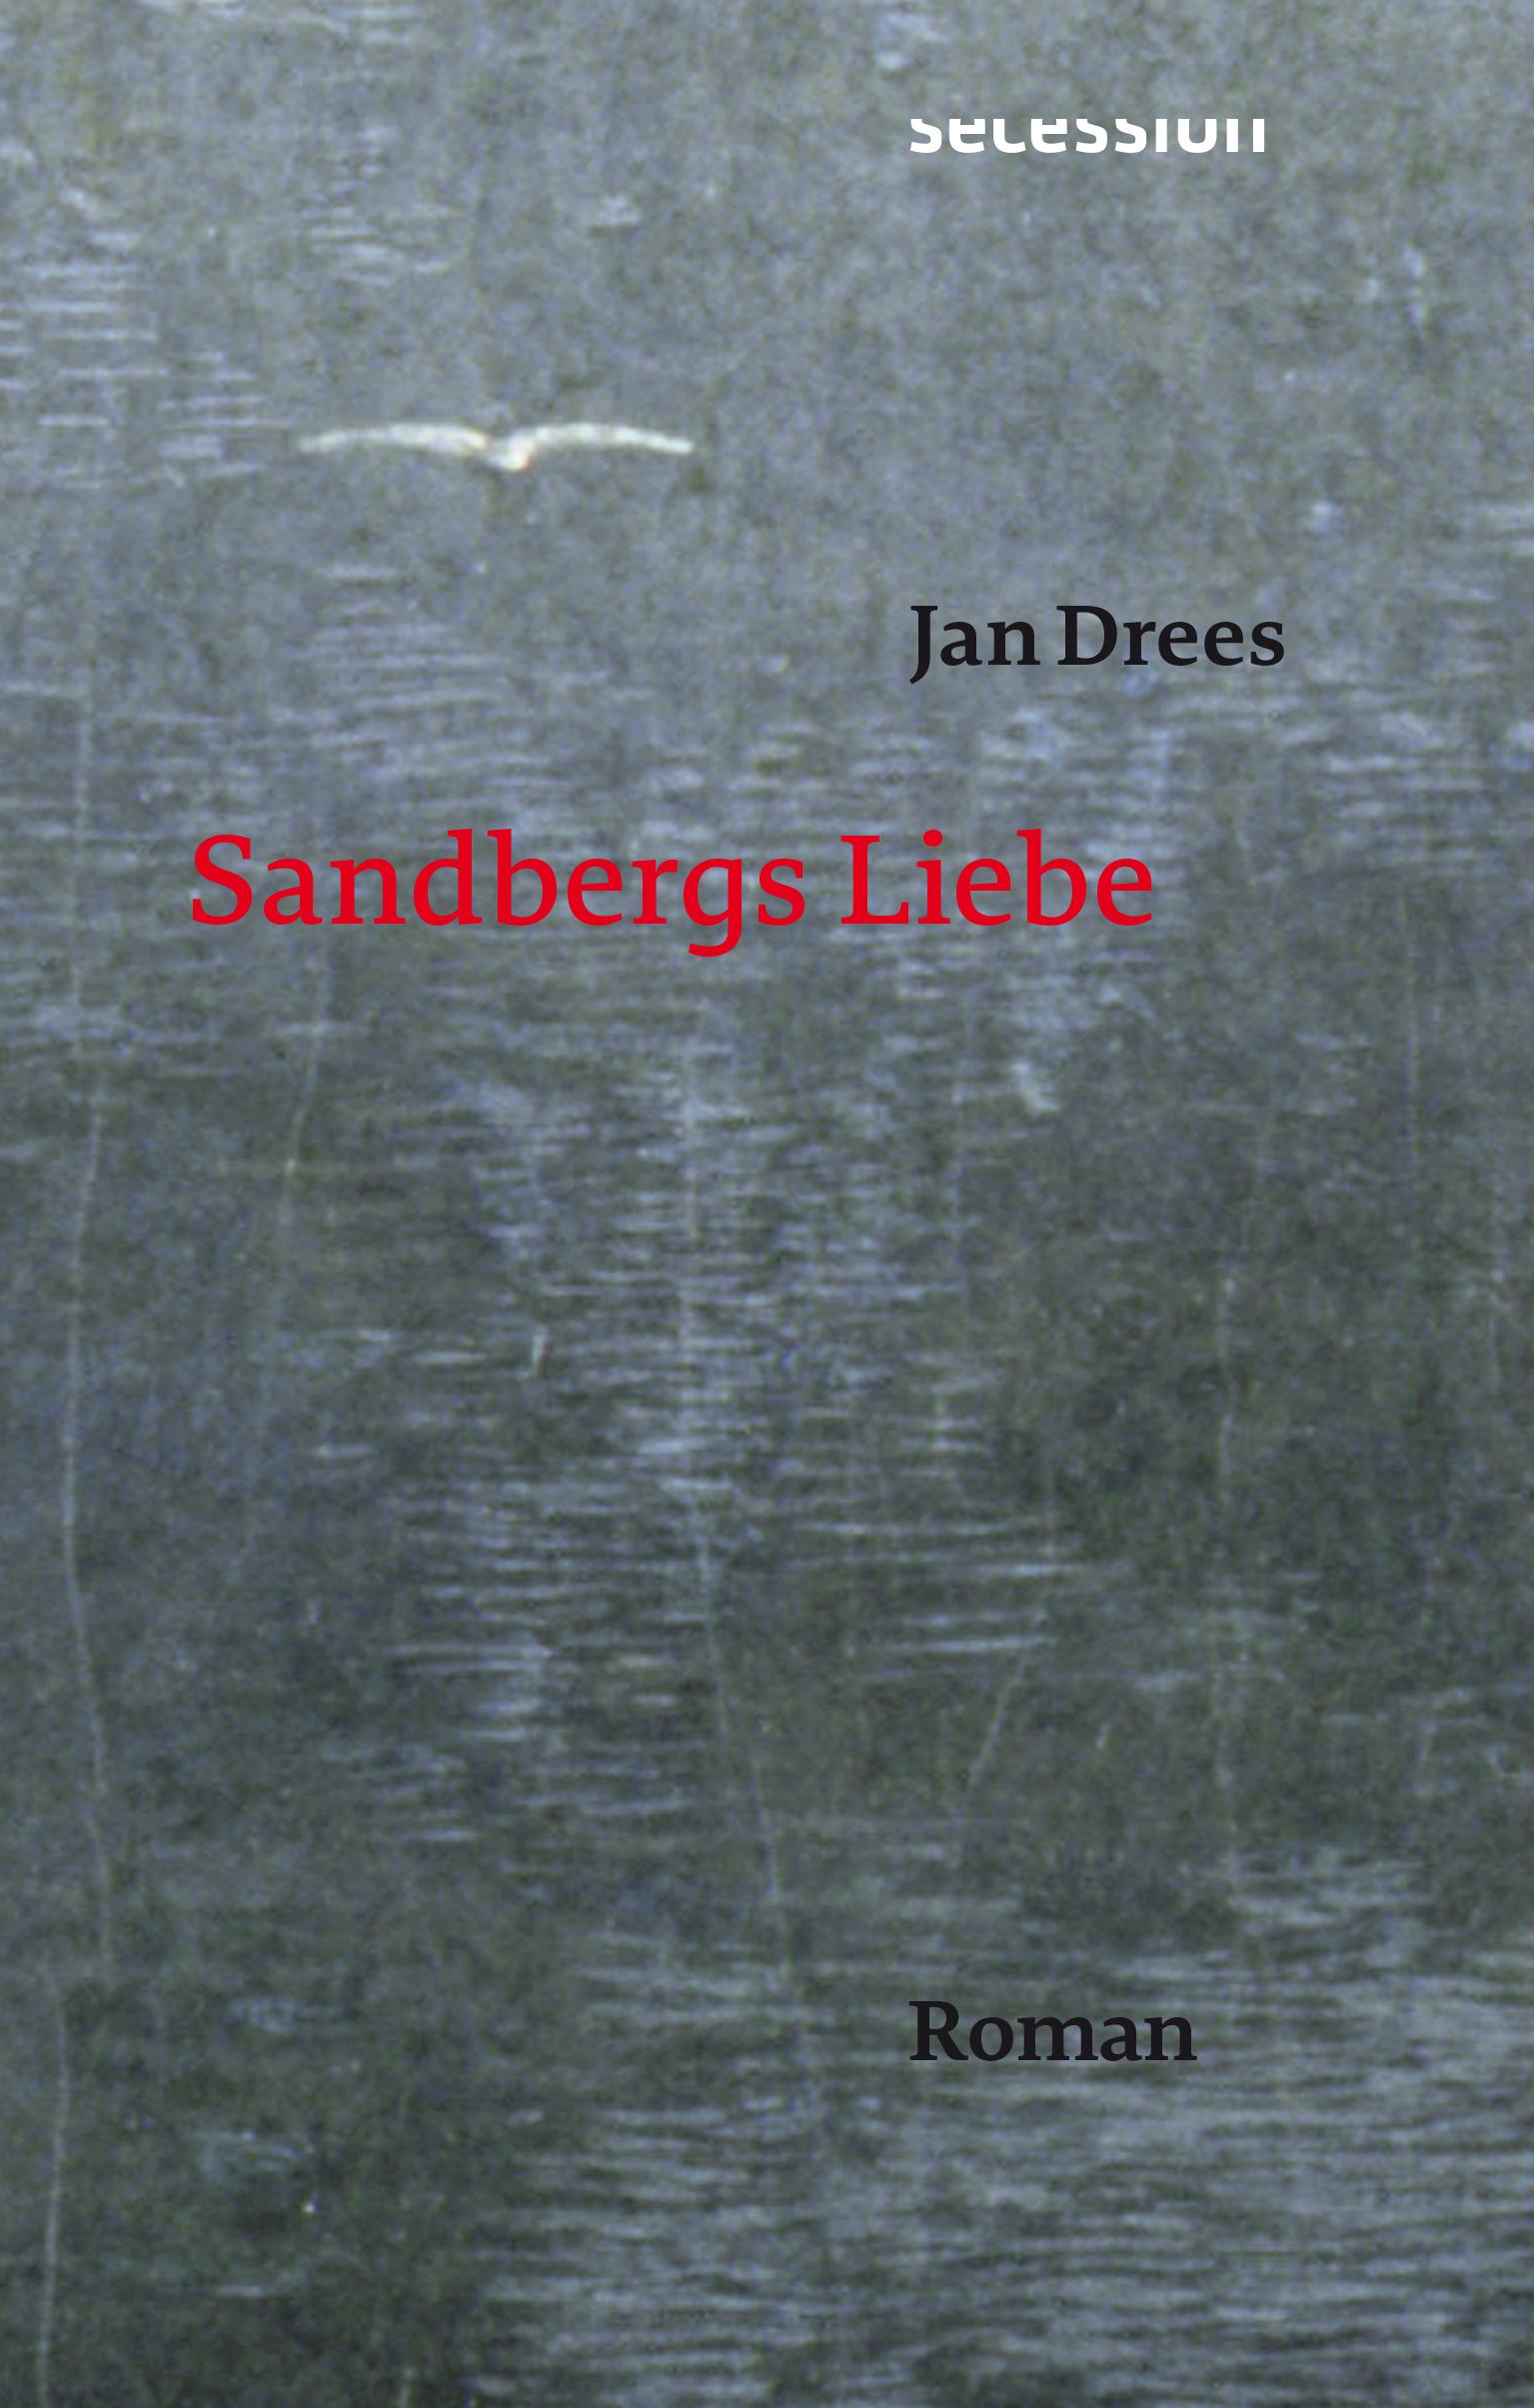 »Sandbergs Liebe« NDR Buch des Monats - Jan Drees' »Sandbergs Liebe« wurde vom NDR zum Buch des Monats Februar gewählt. (01.02.2019)